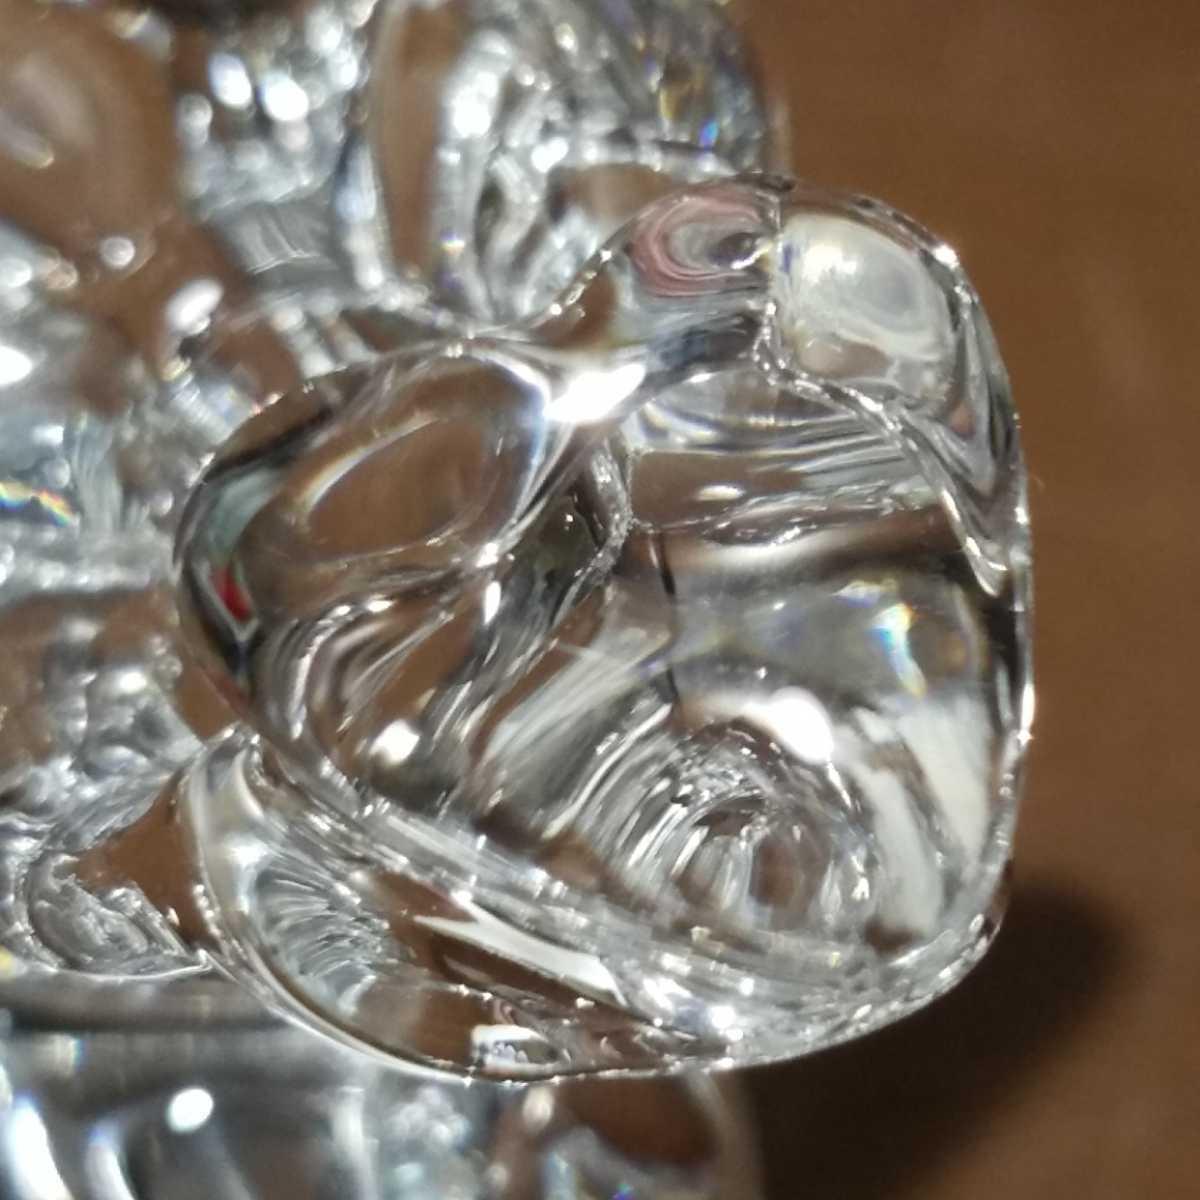 654▽同梱NG 逸品 ブランド バカラ エンジェルハート ハートを持つ天使の羽根 可愛い置き飾り物 クリスタルガラス Baccarat Angel オブジェ_画像10